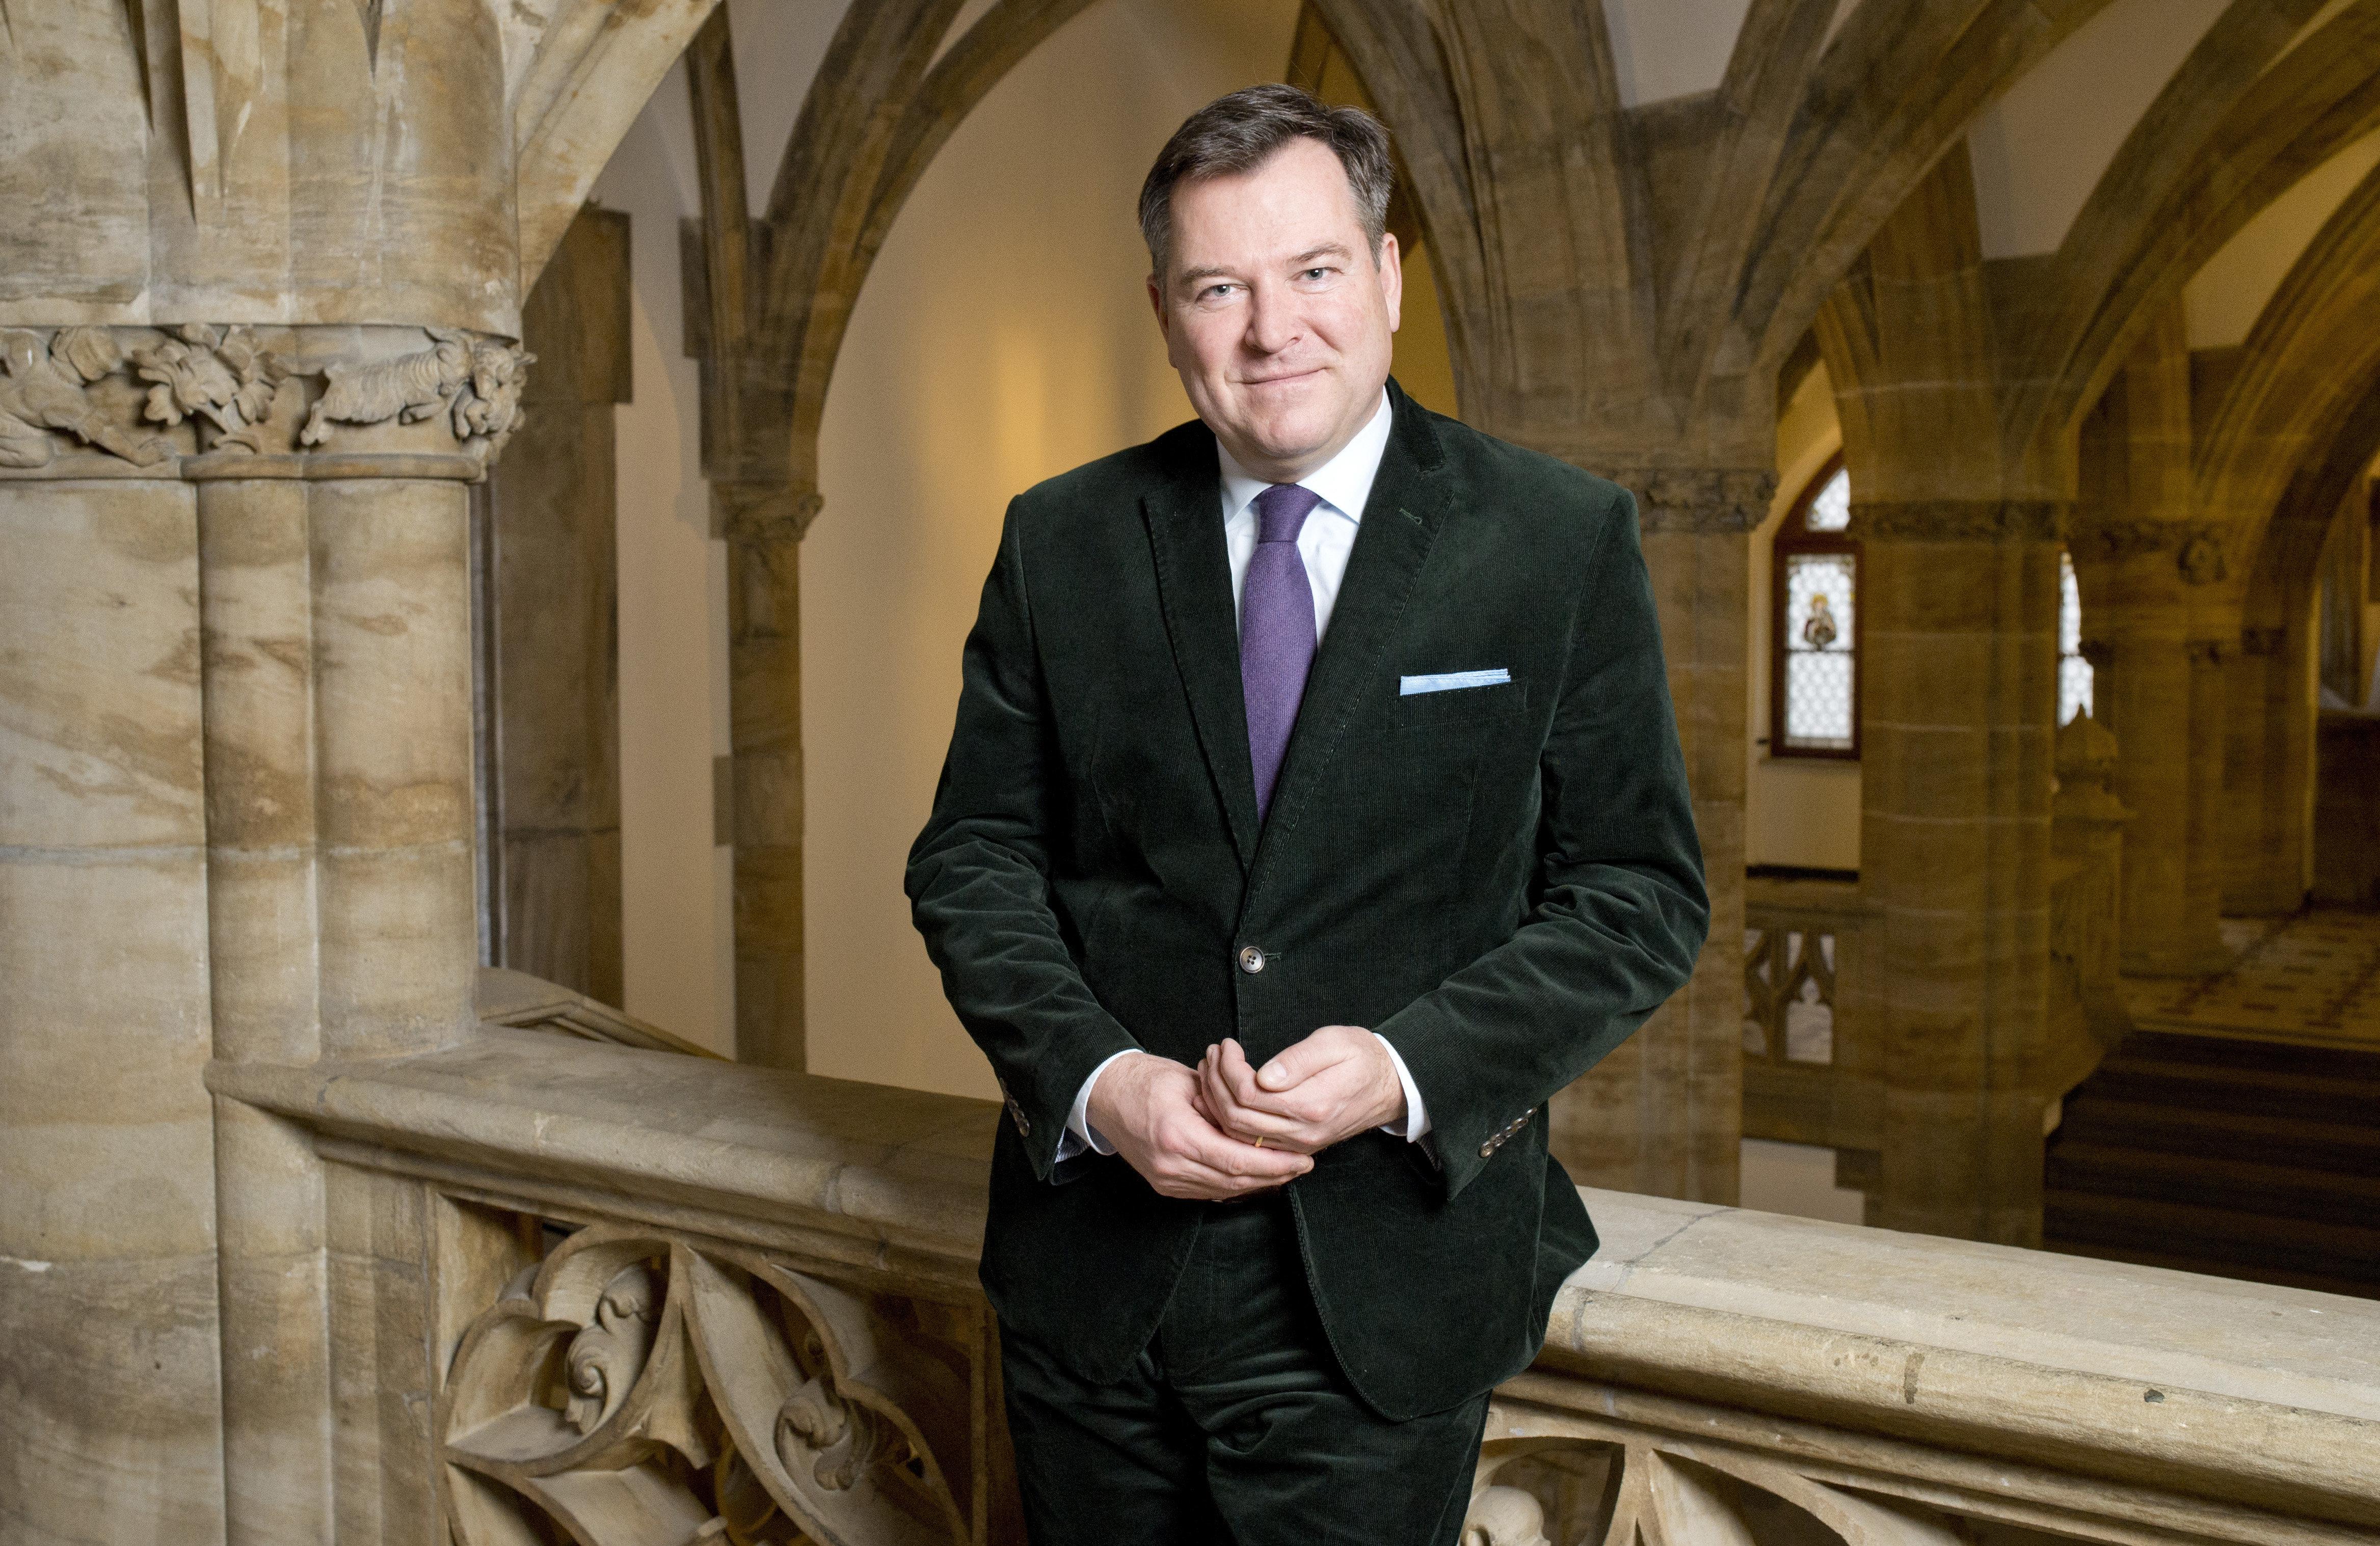 Die Wut der Wähler und die Angst: CSU-Politiker Josef Schmid über den Wahlkampf in